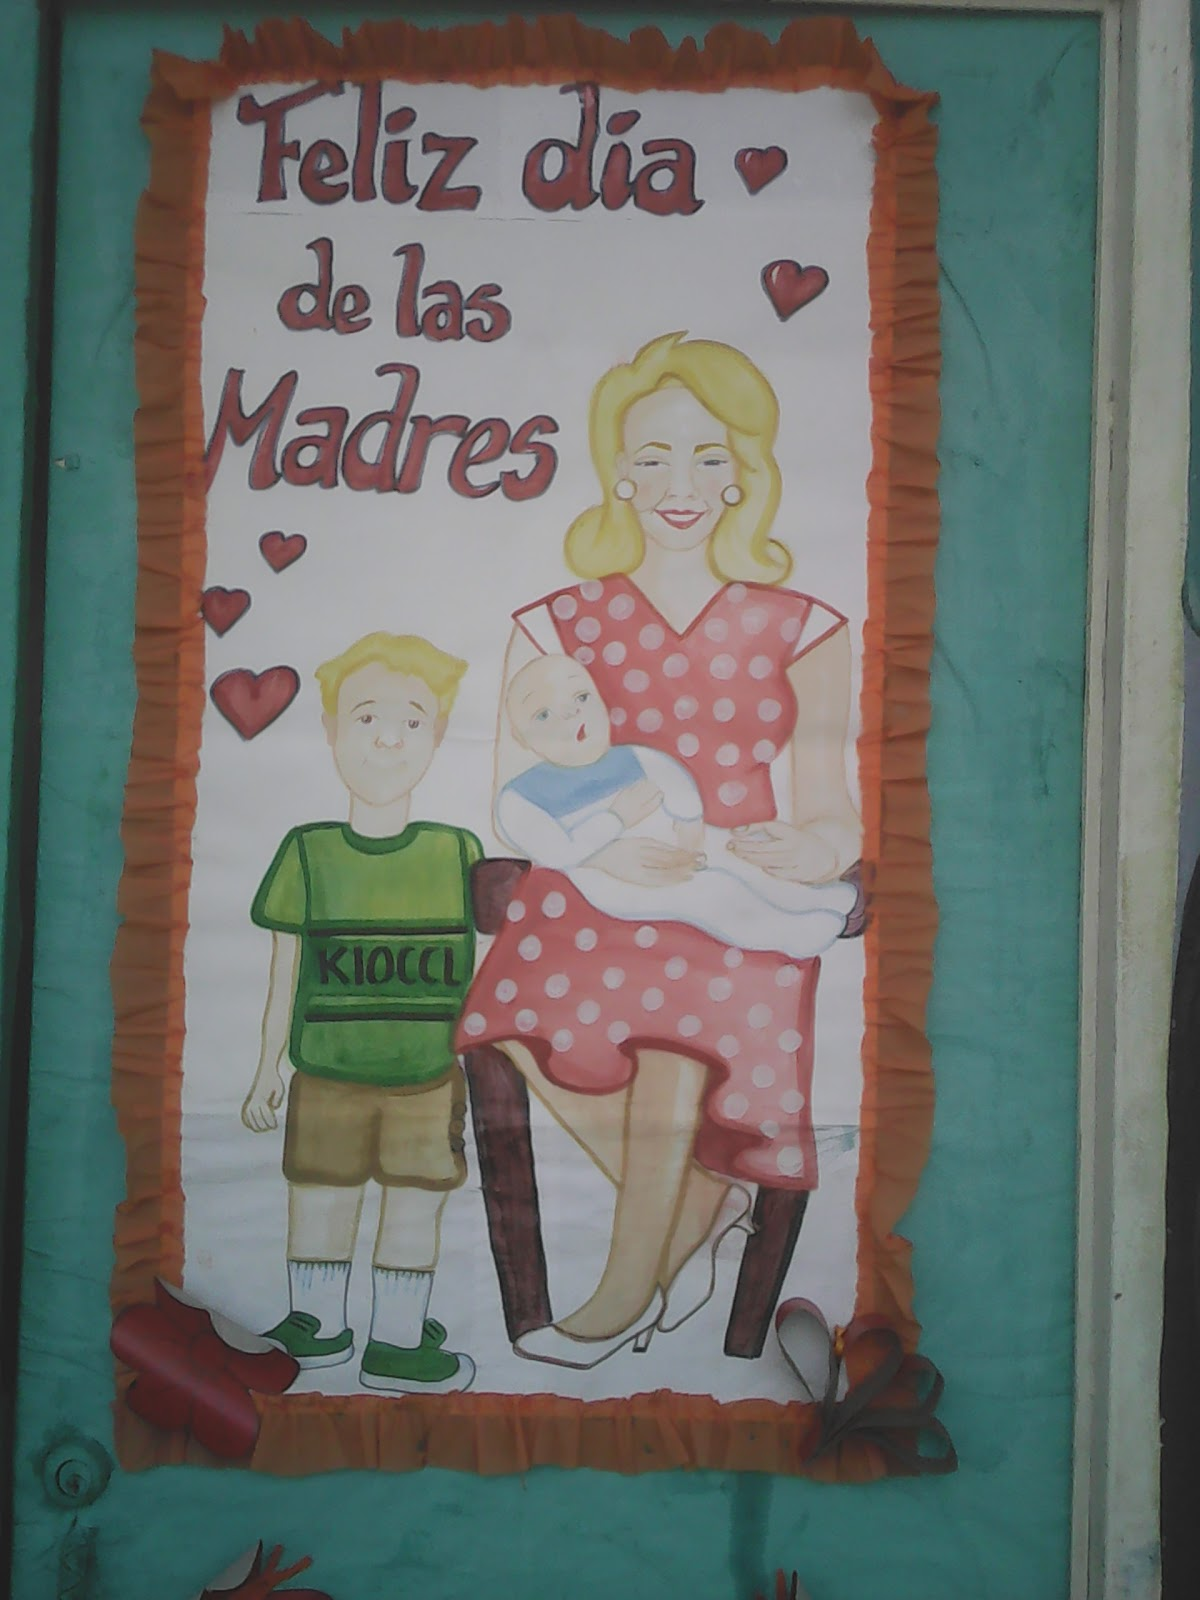 Cajitas de sue os puertas decoradas para el dia de las madres for Puertas decoradas dia del libro